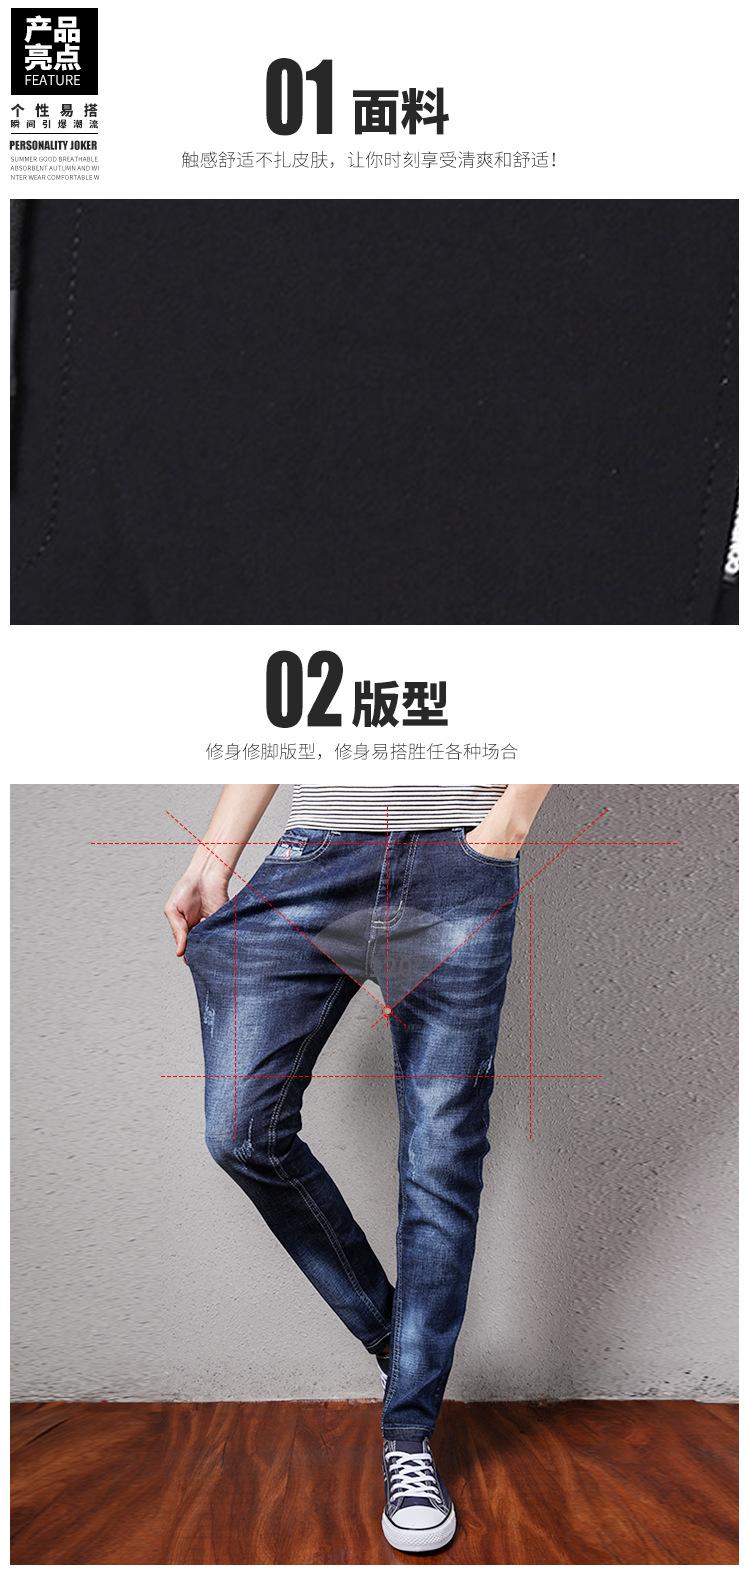 新款男士牛仔裤 百搭男式韩版潮流修身牛仔裤  青年裤一件代发示例图2